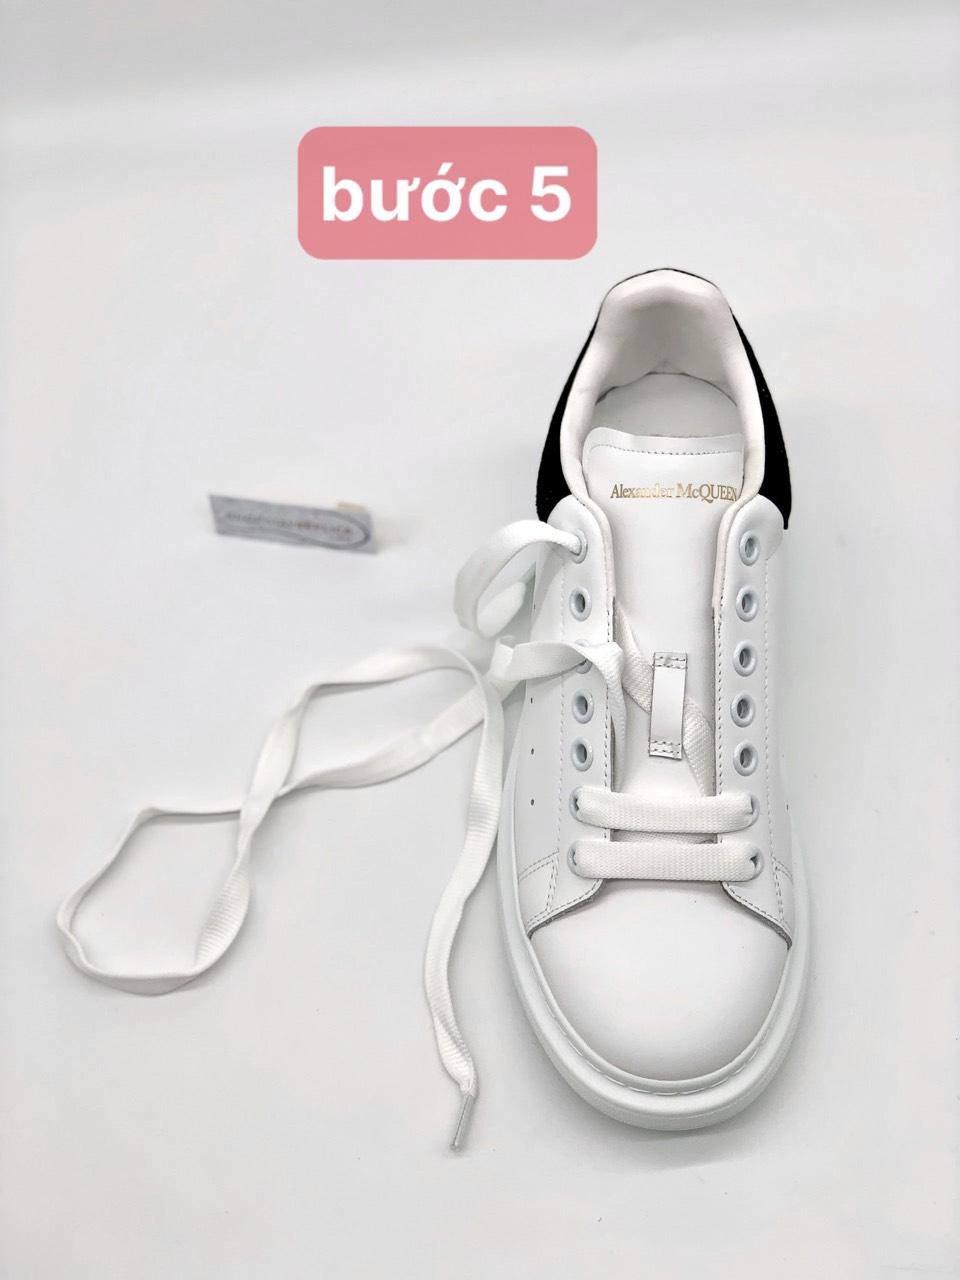 hướng dẫn buộc dây giày Alexander Mcqueen đơn giản